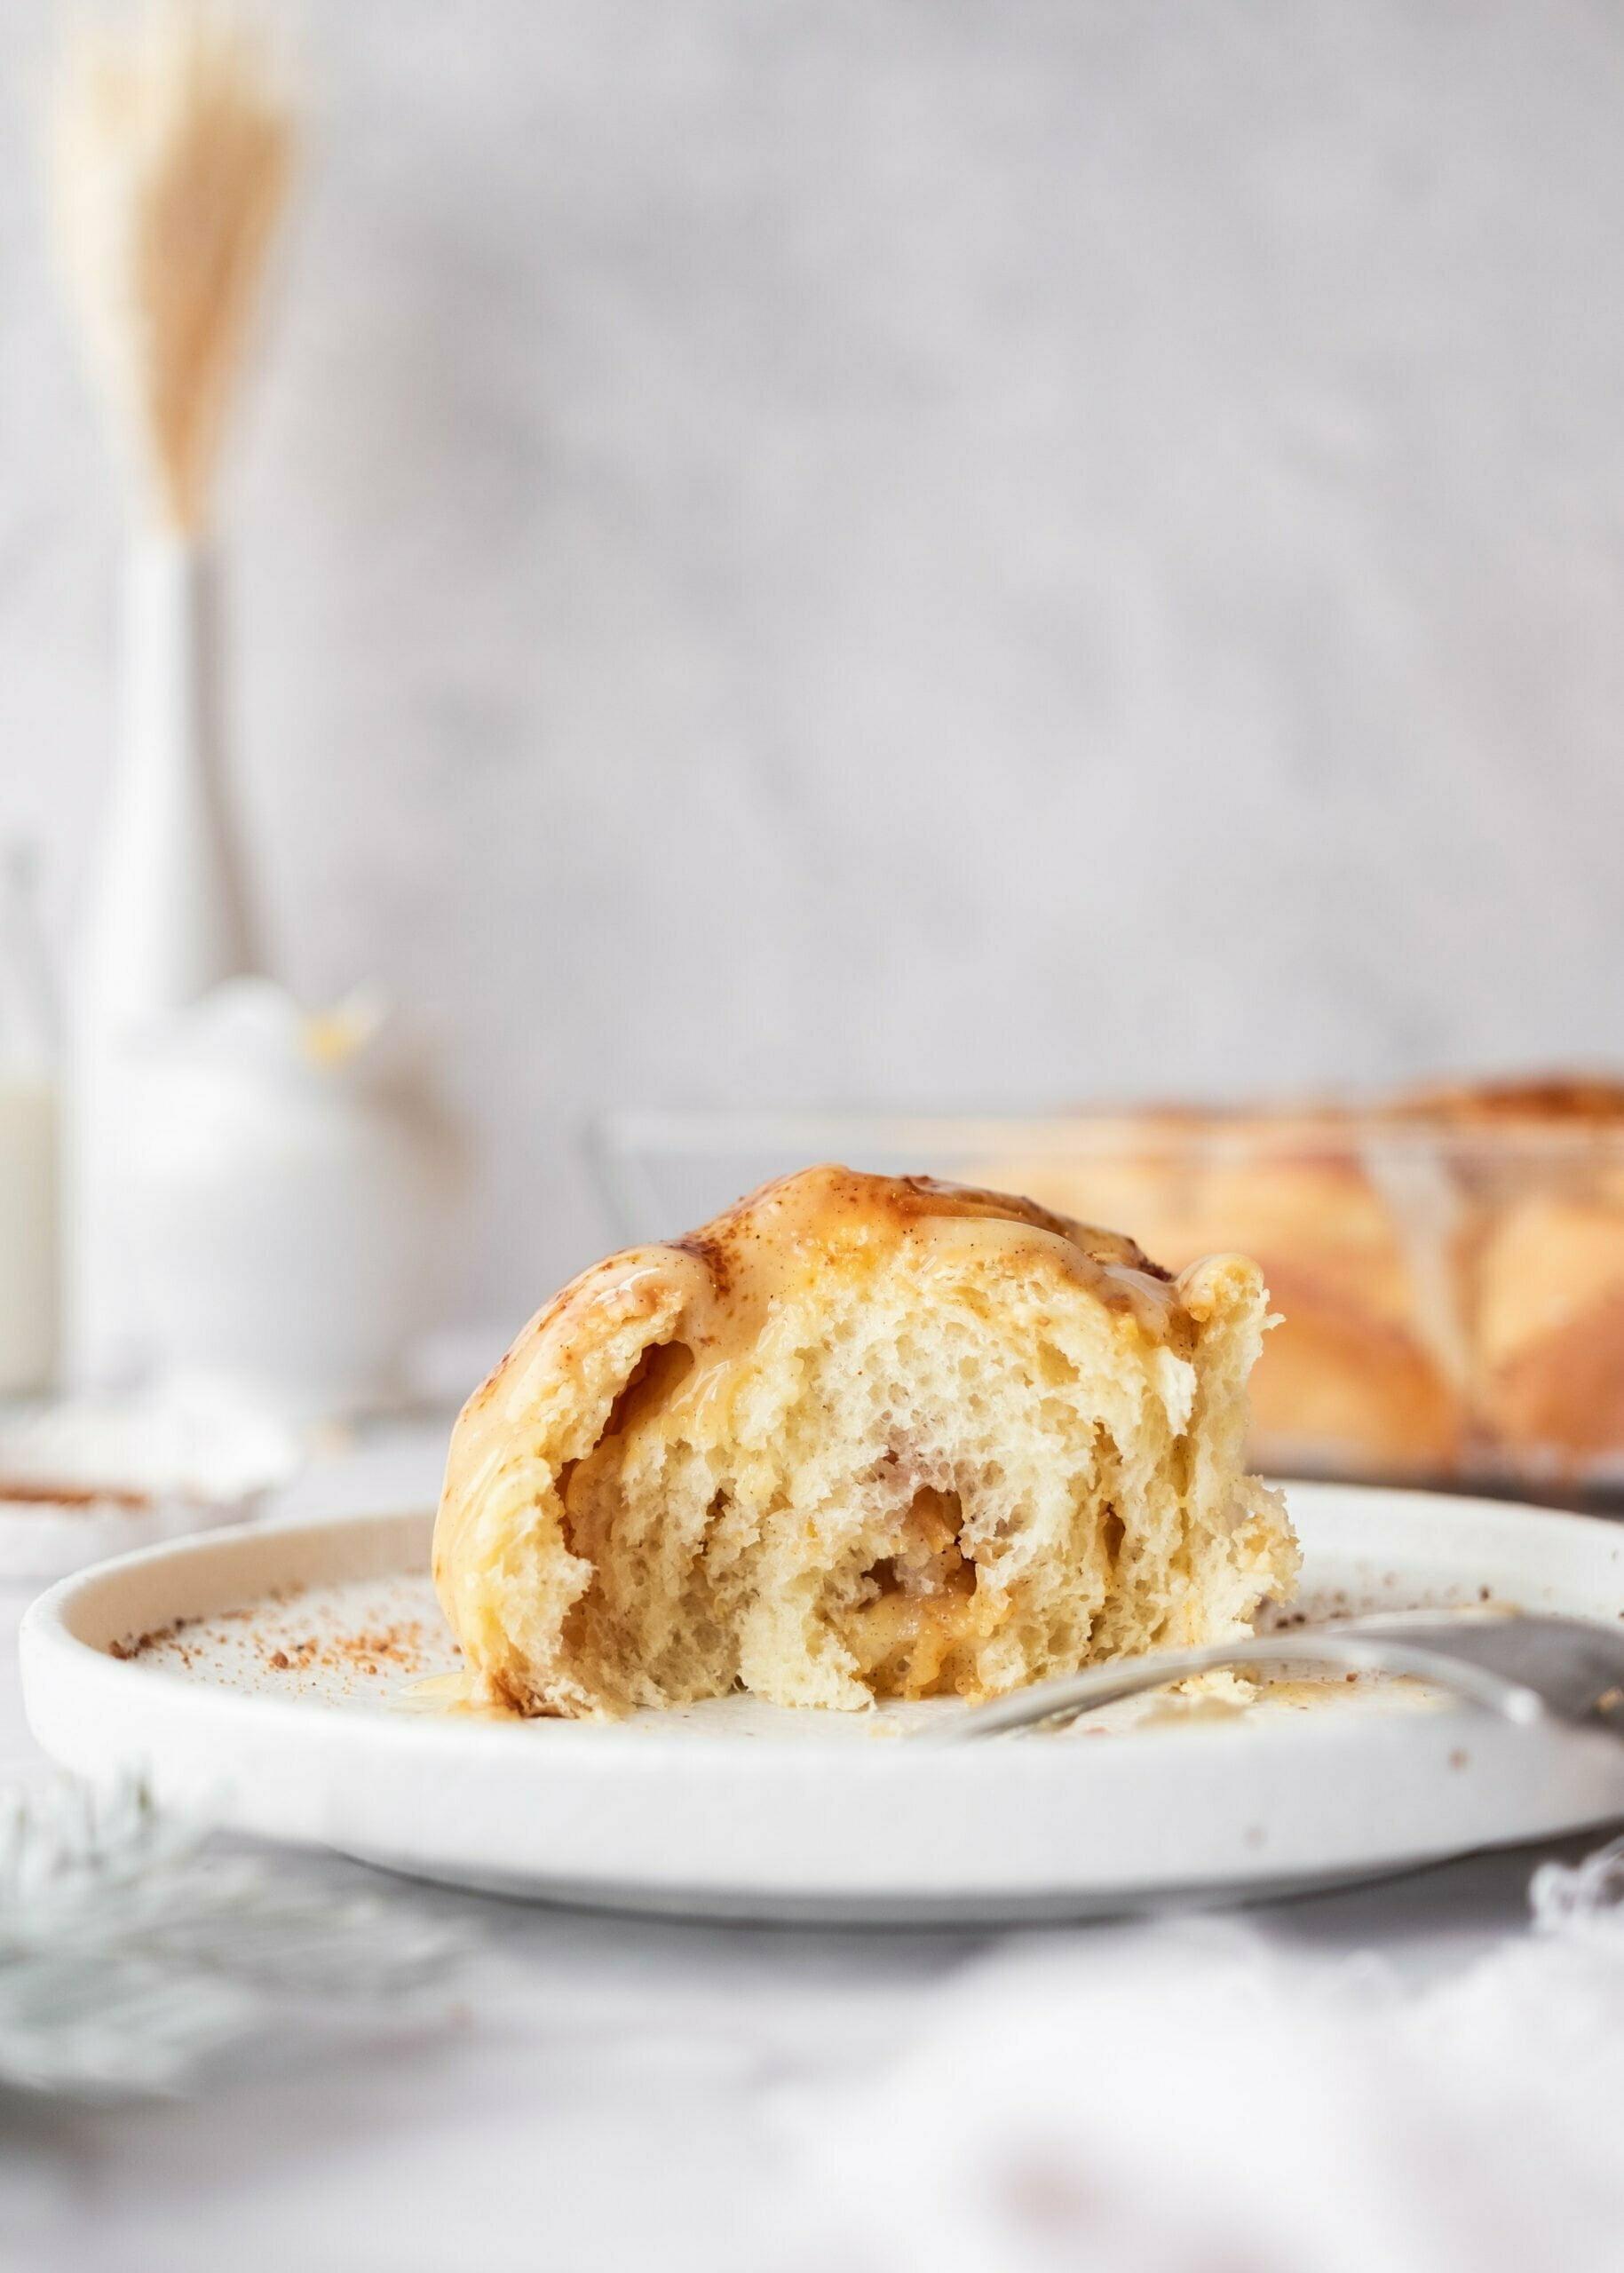 Puhaste cimetove rolice z vaniljevo jabolčnim nadevom